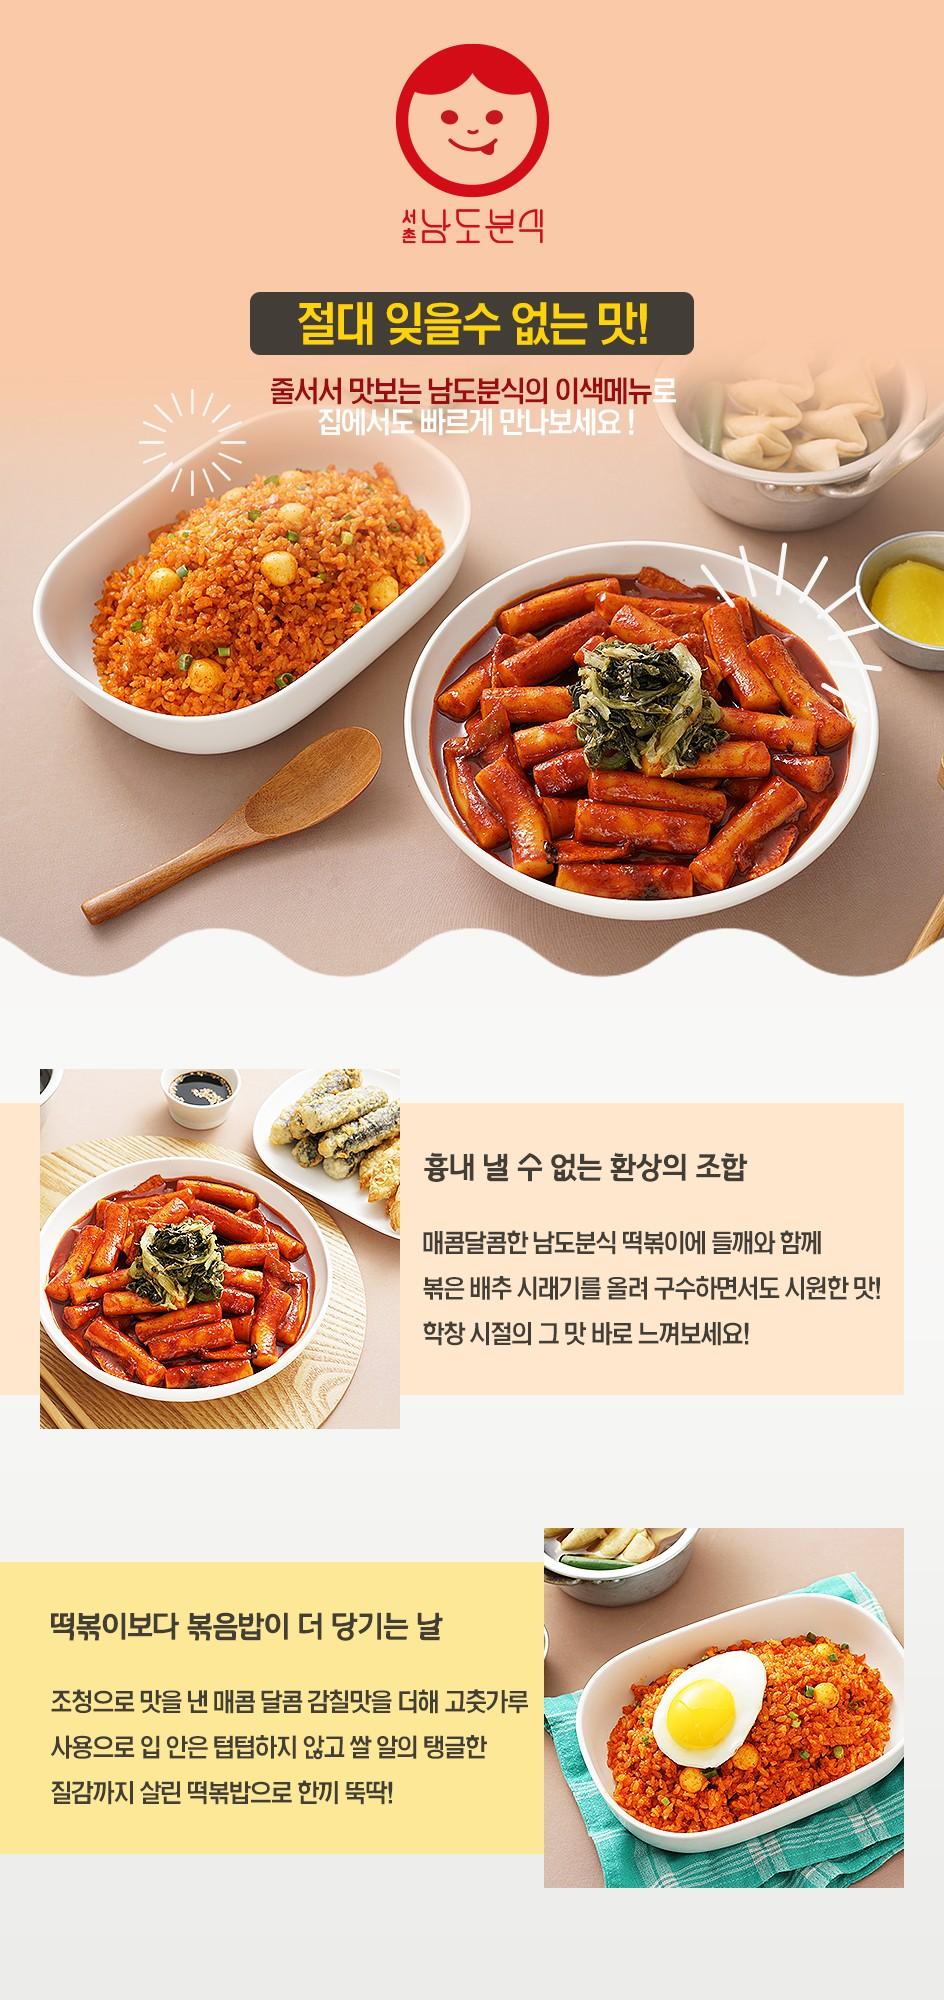 [남도분식] 절대 잊을 수 없는 맛!